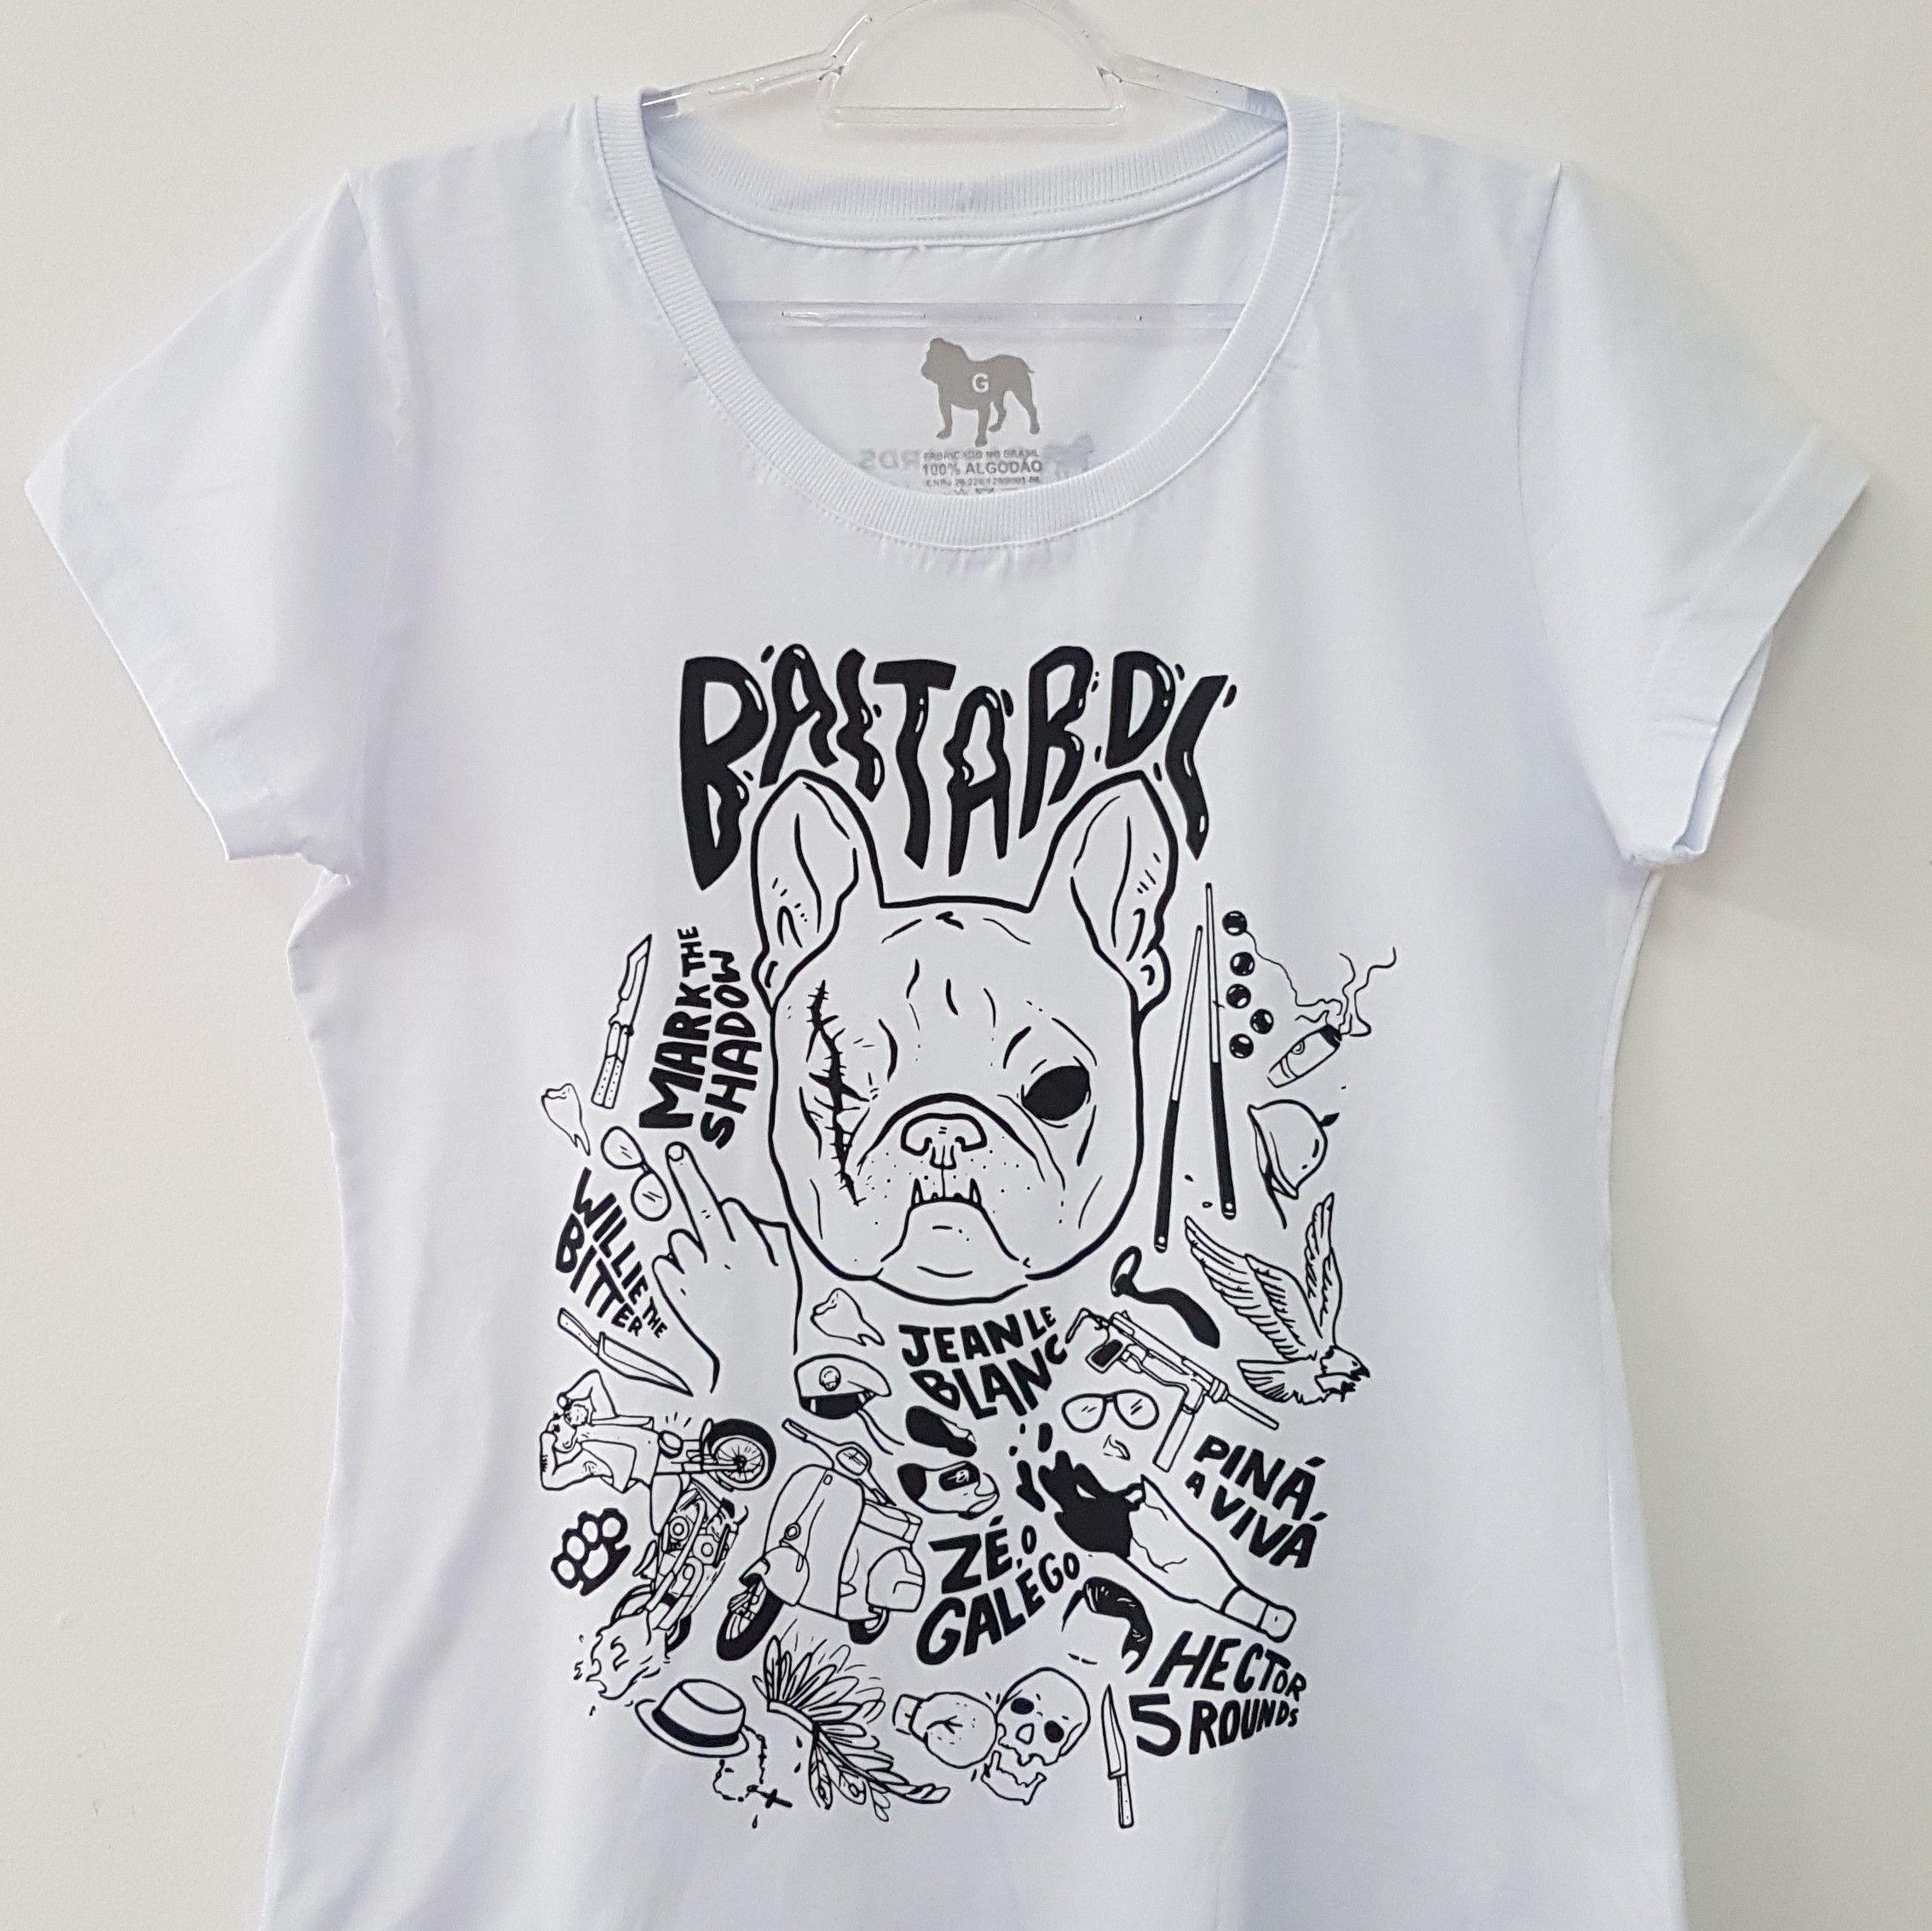 Camiseta Feminina - Estampa Bastards - Branca